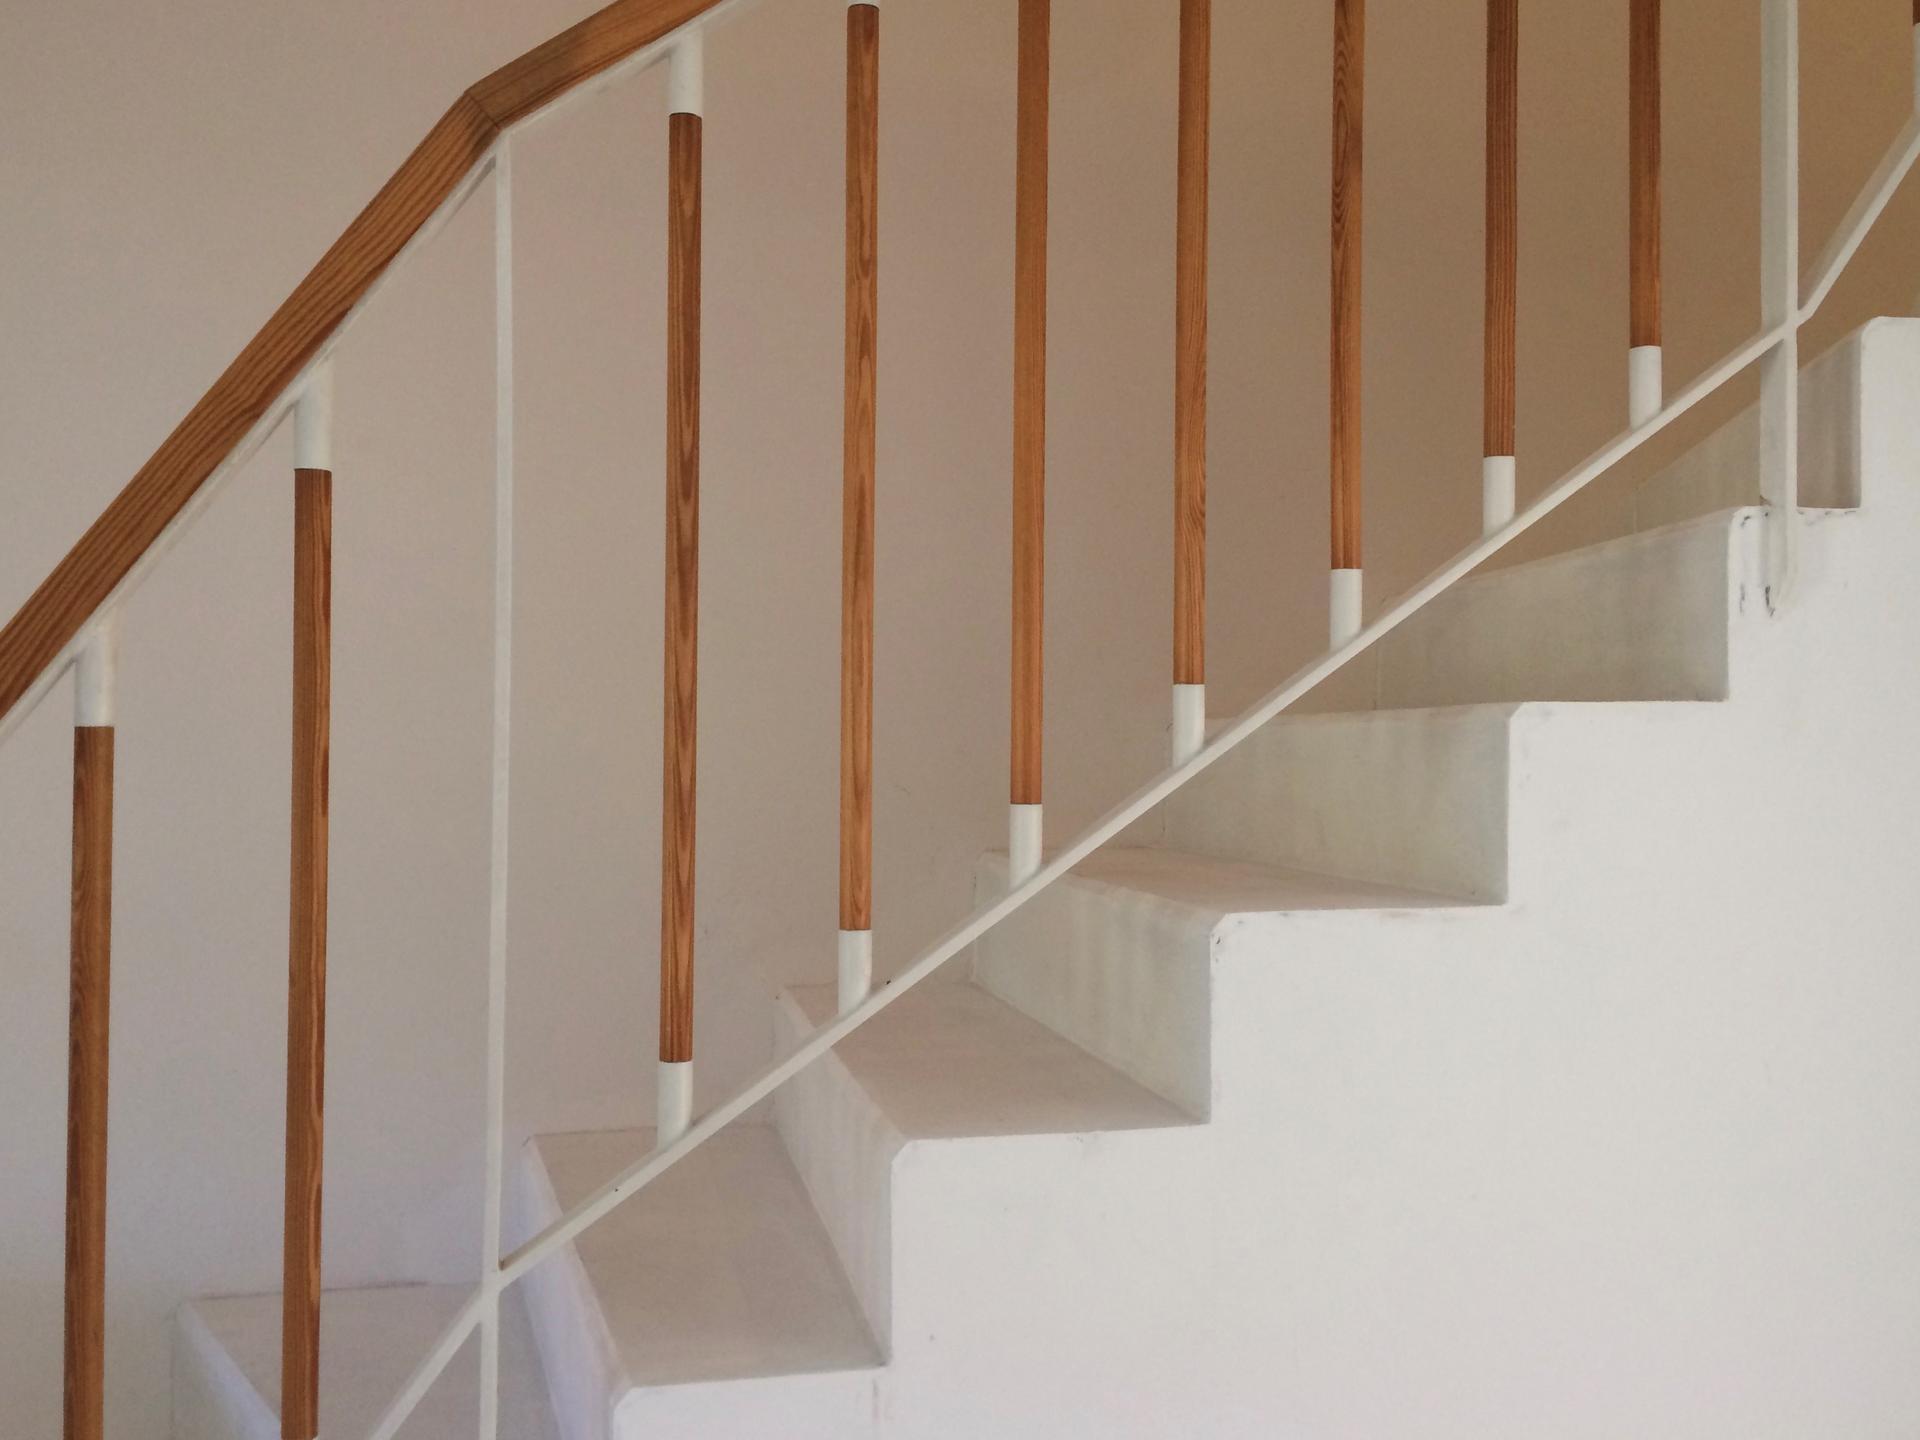 Renovace schodiště - opravené rozbité rohy a hrany, bez použití lišt